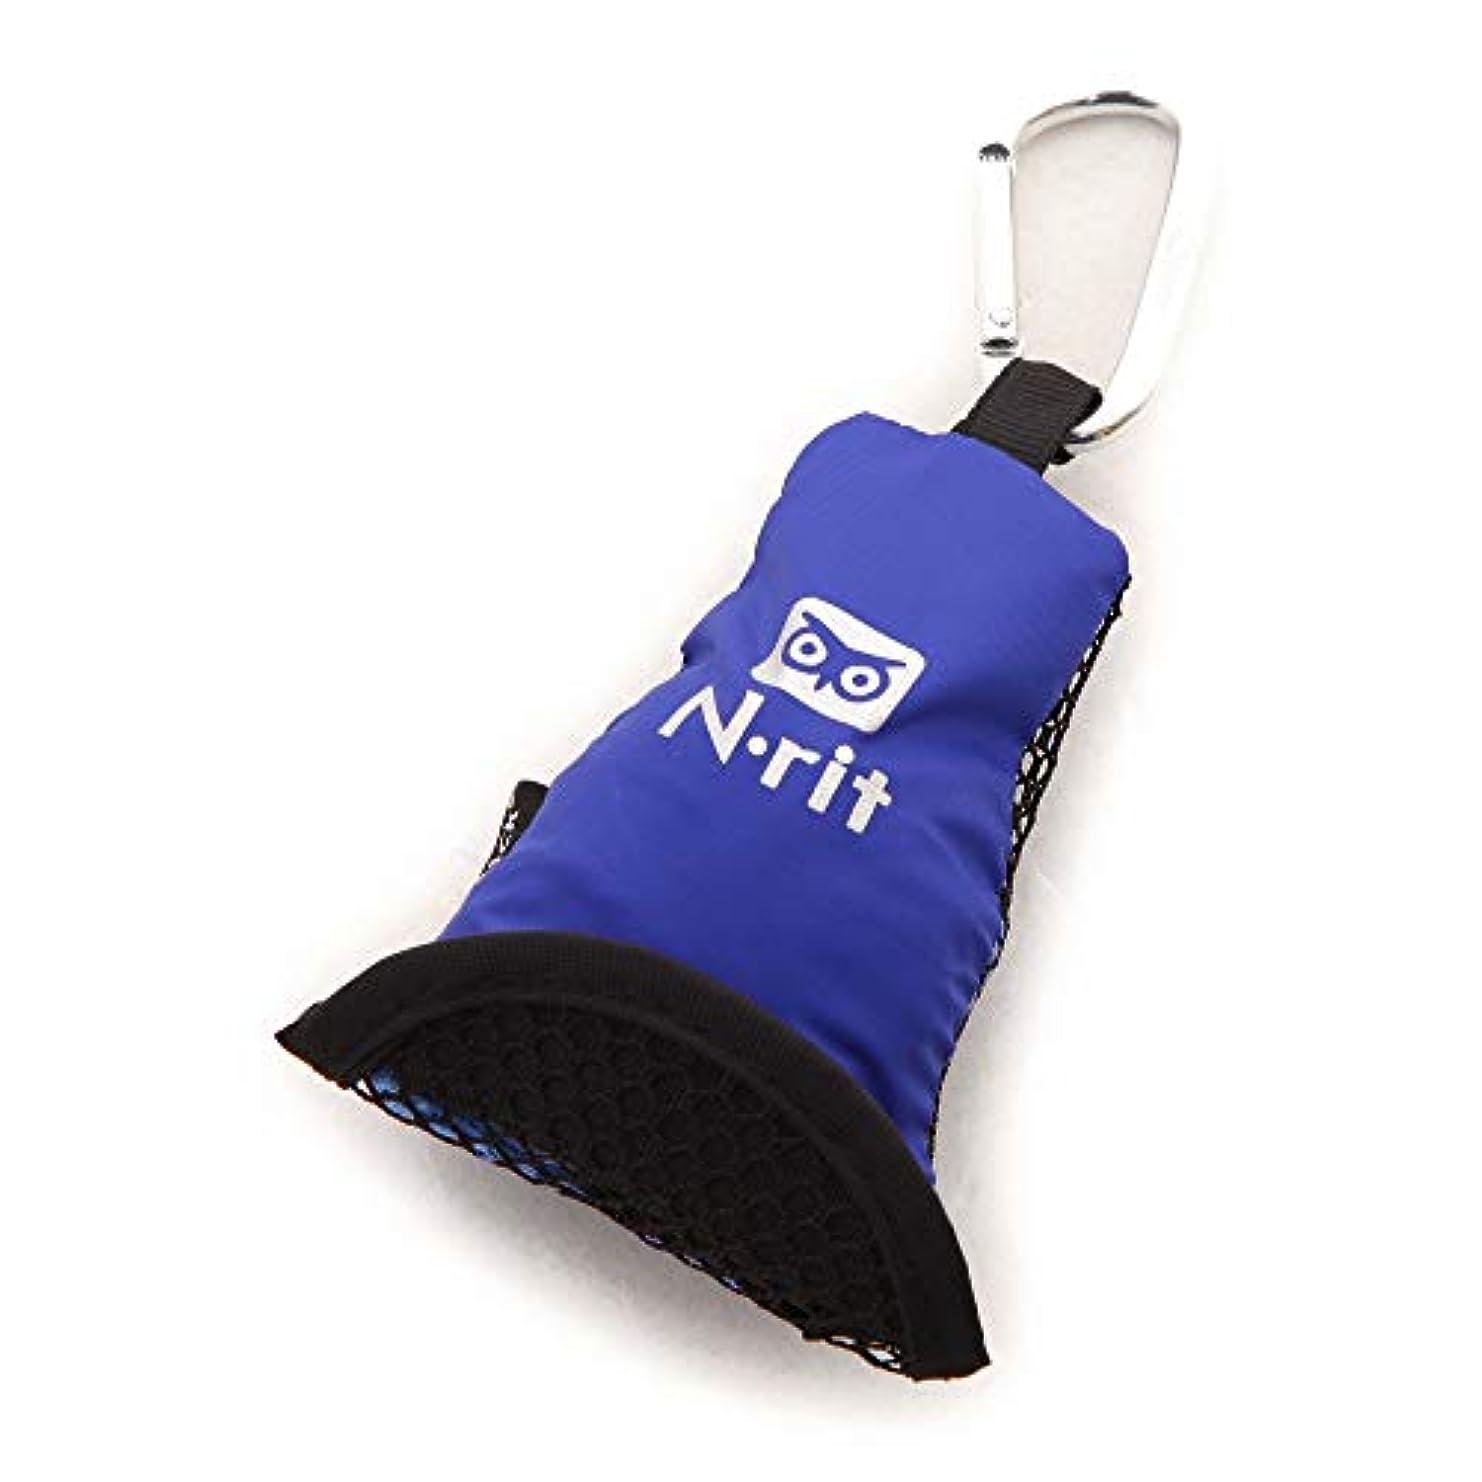 トロリーバスゴミ拍手キャラバン(キャラバン) N-rit カンパックタオル M 1610110660 吸収速乾タオル